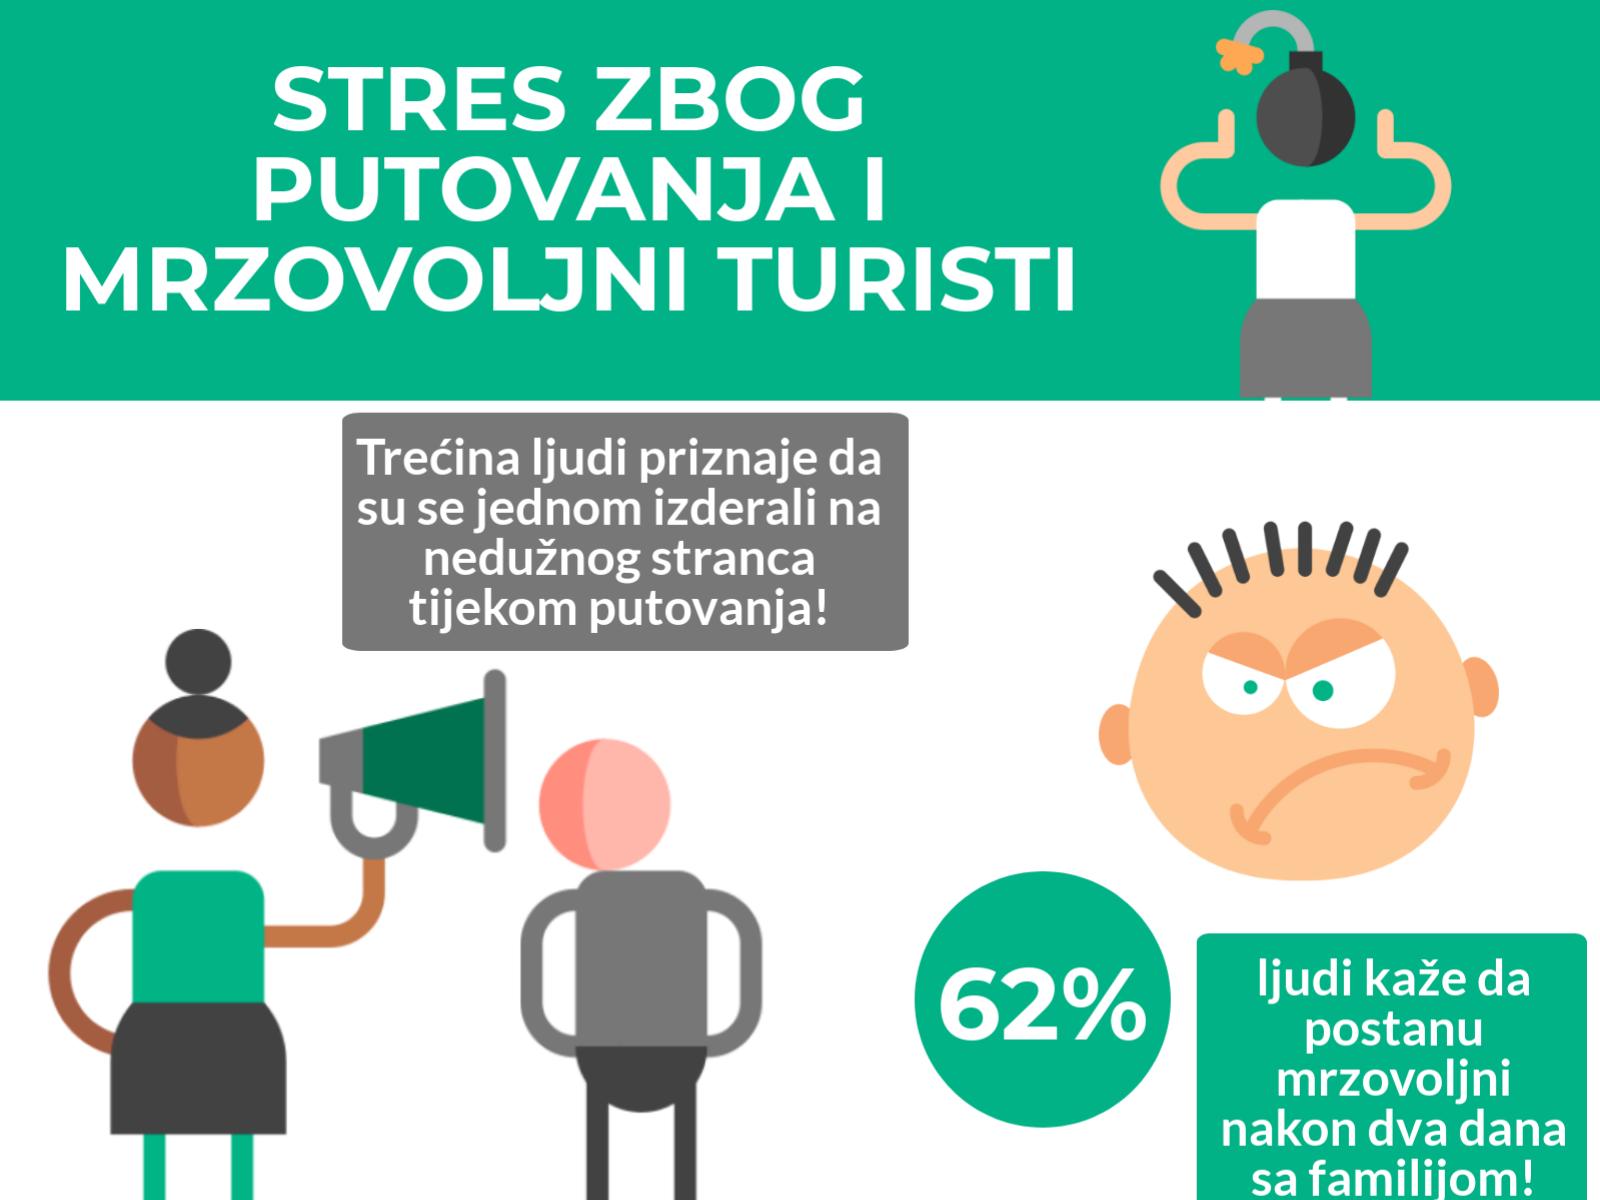 Gooma_stres zbog putovanja